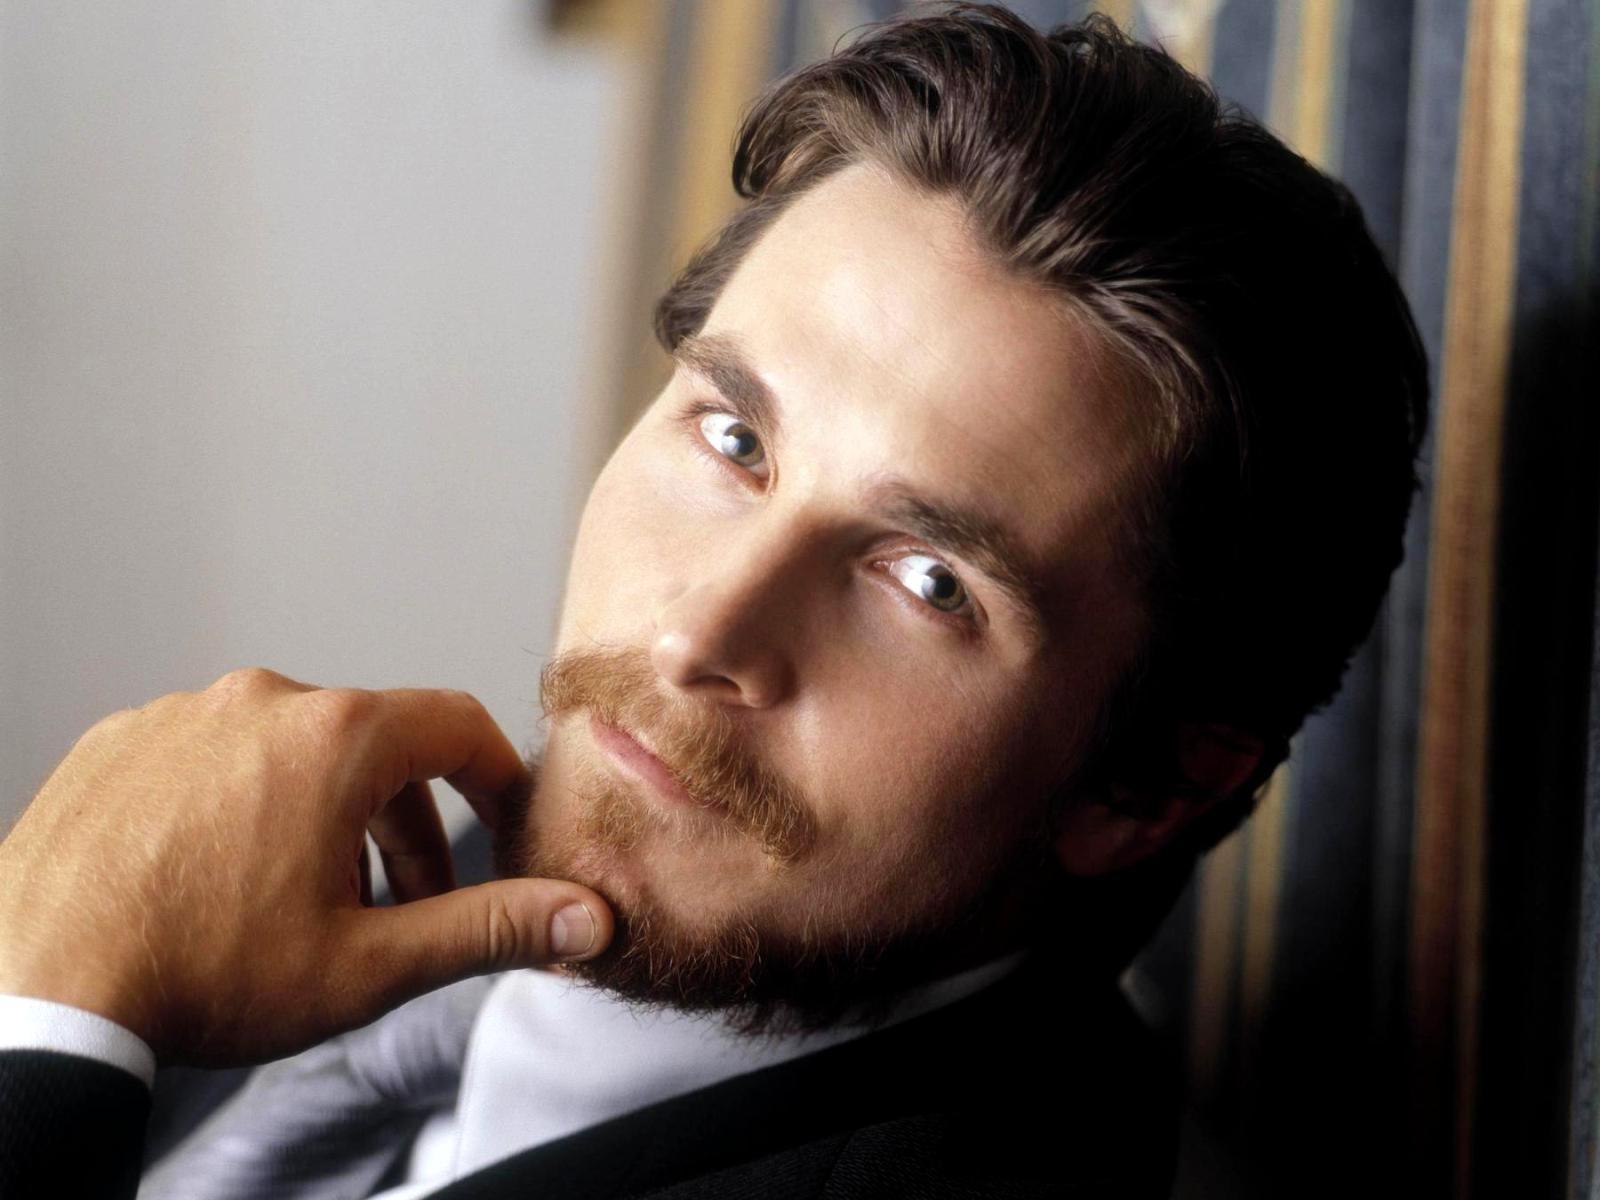 Кристиан Бэйл Christian Bale kinowar.com